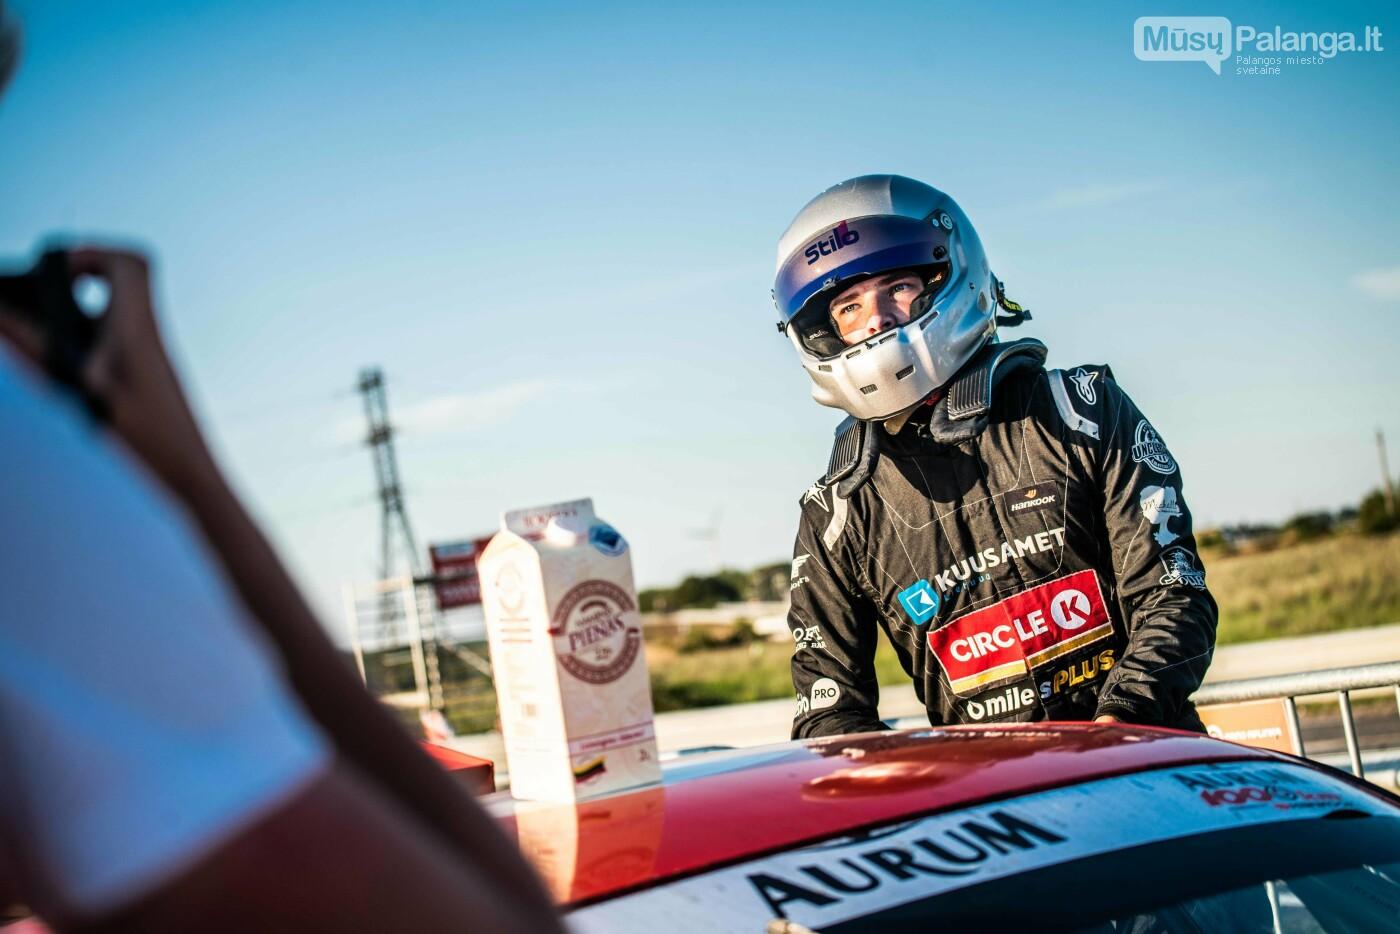 """Jubiliejinėse ilgų nuotolių lenktynėse ryškiausiai švietė """"Circle K milesPlus Racing Team""""  žvaigždė, nuotrauka-10"""